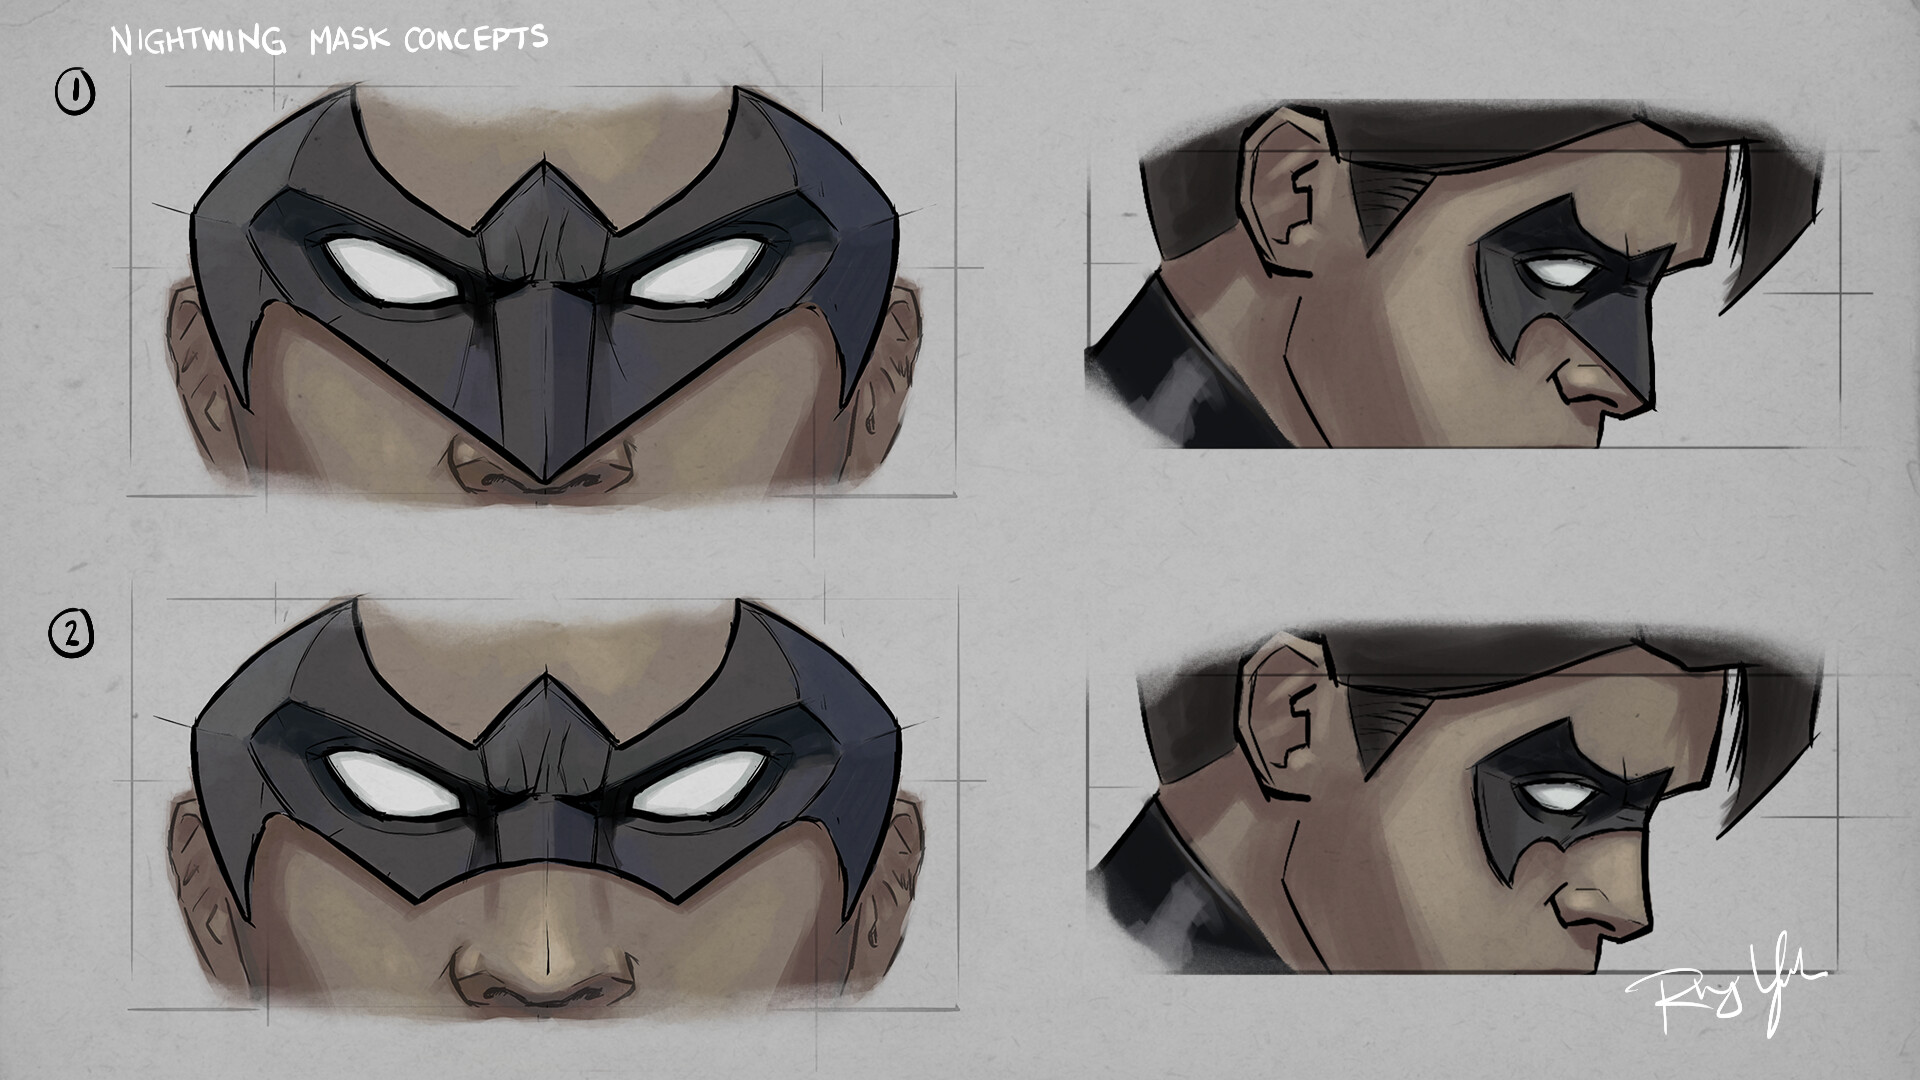 Rhys yorke ts2 nightwing mask